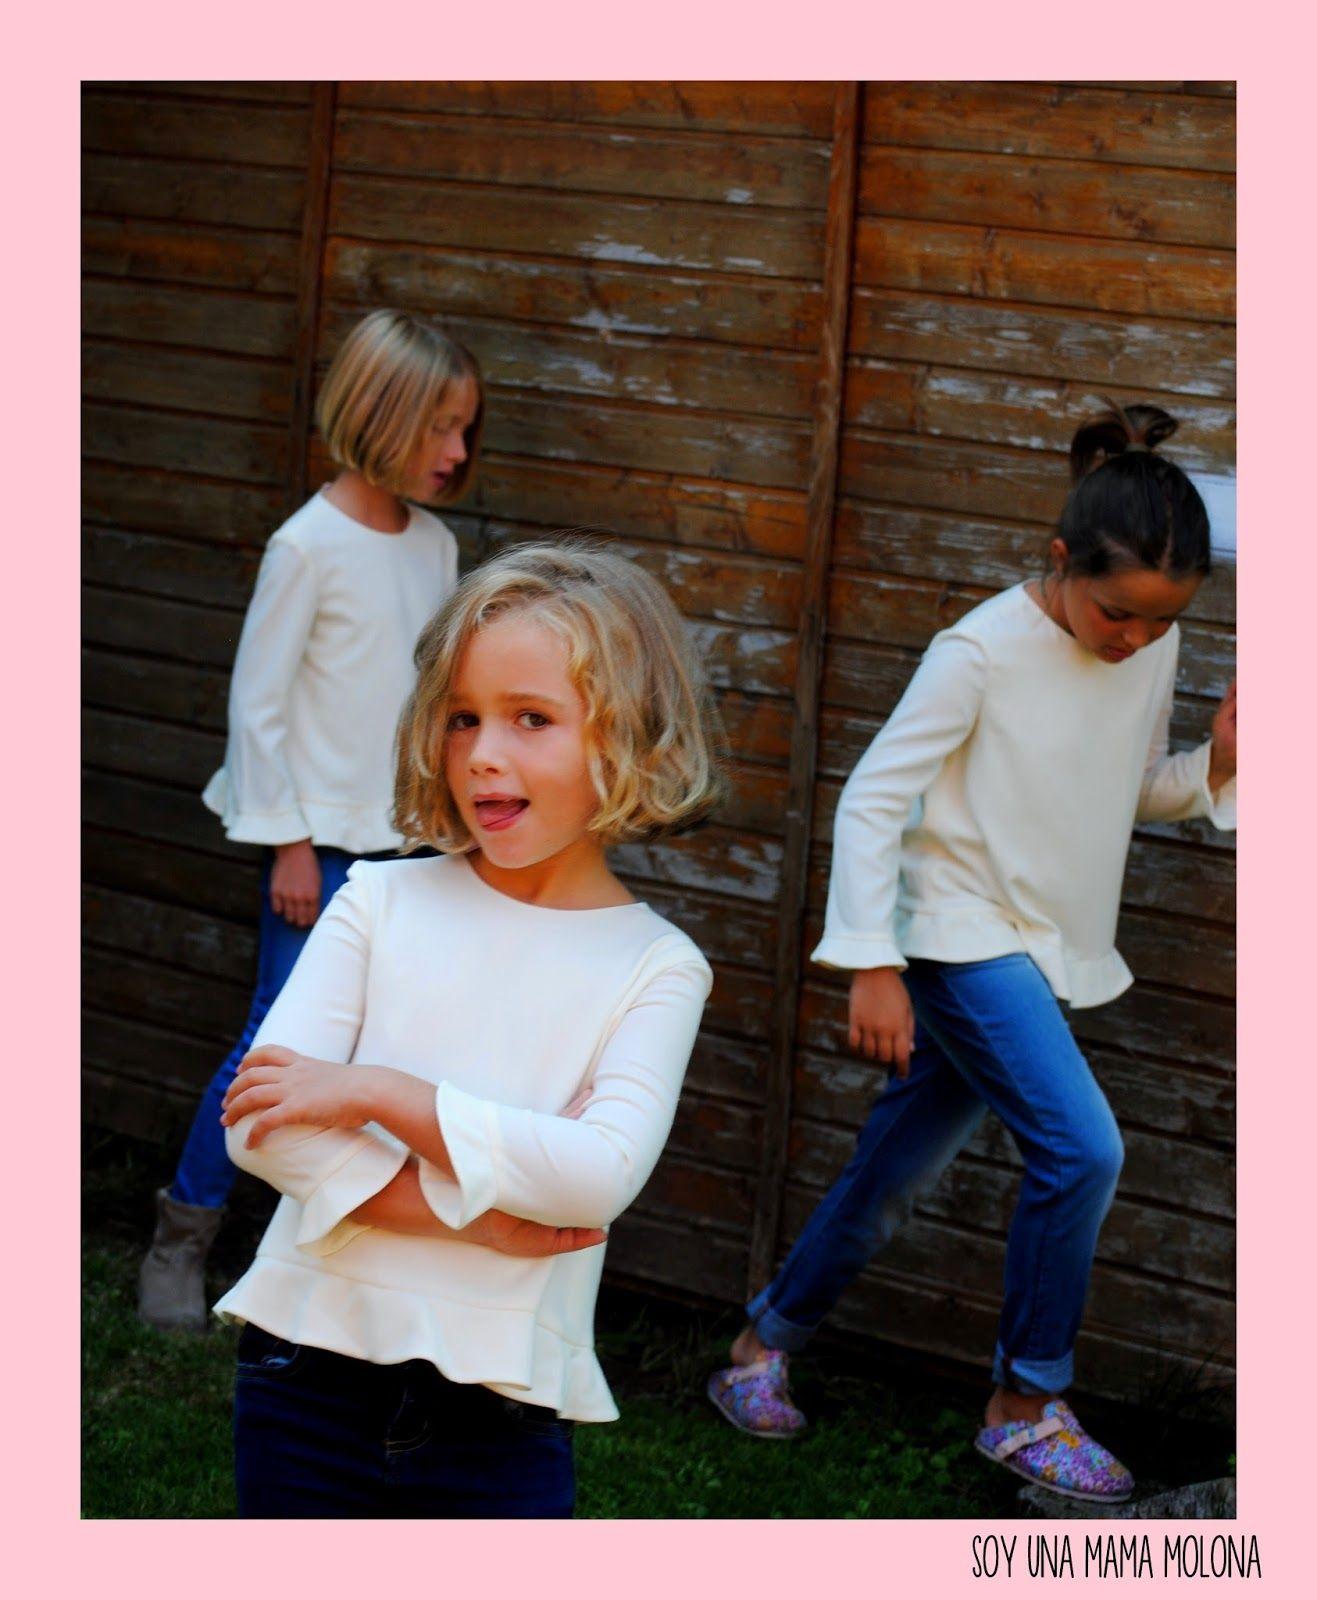 soy una mama molona : Clo&tilde: ropa de niñas